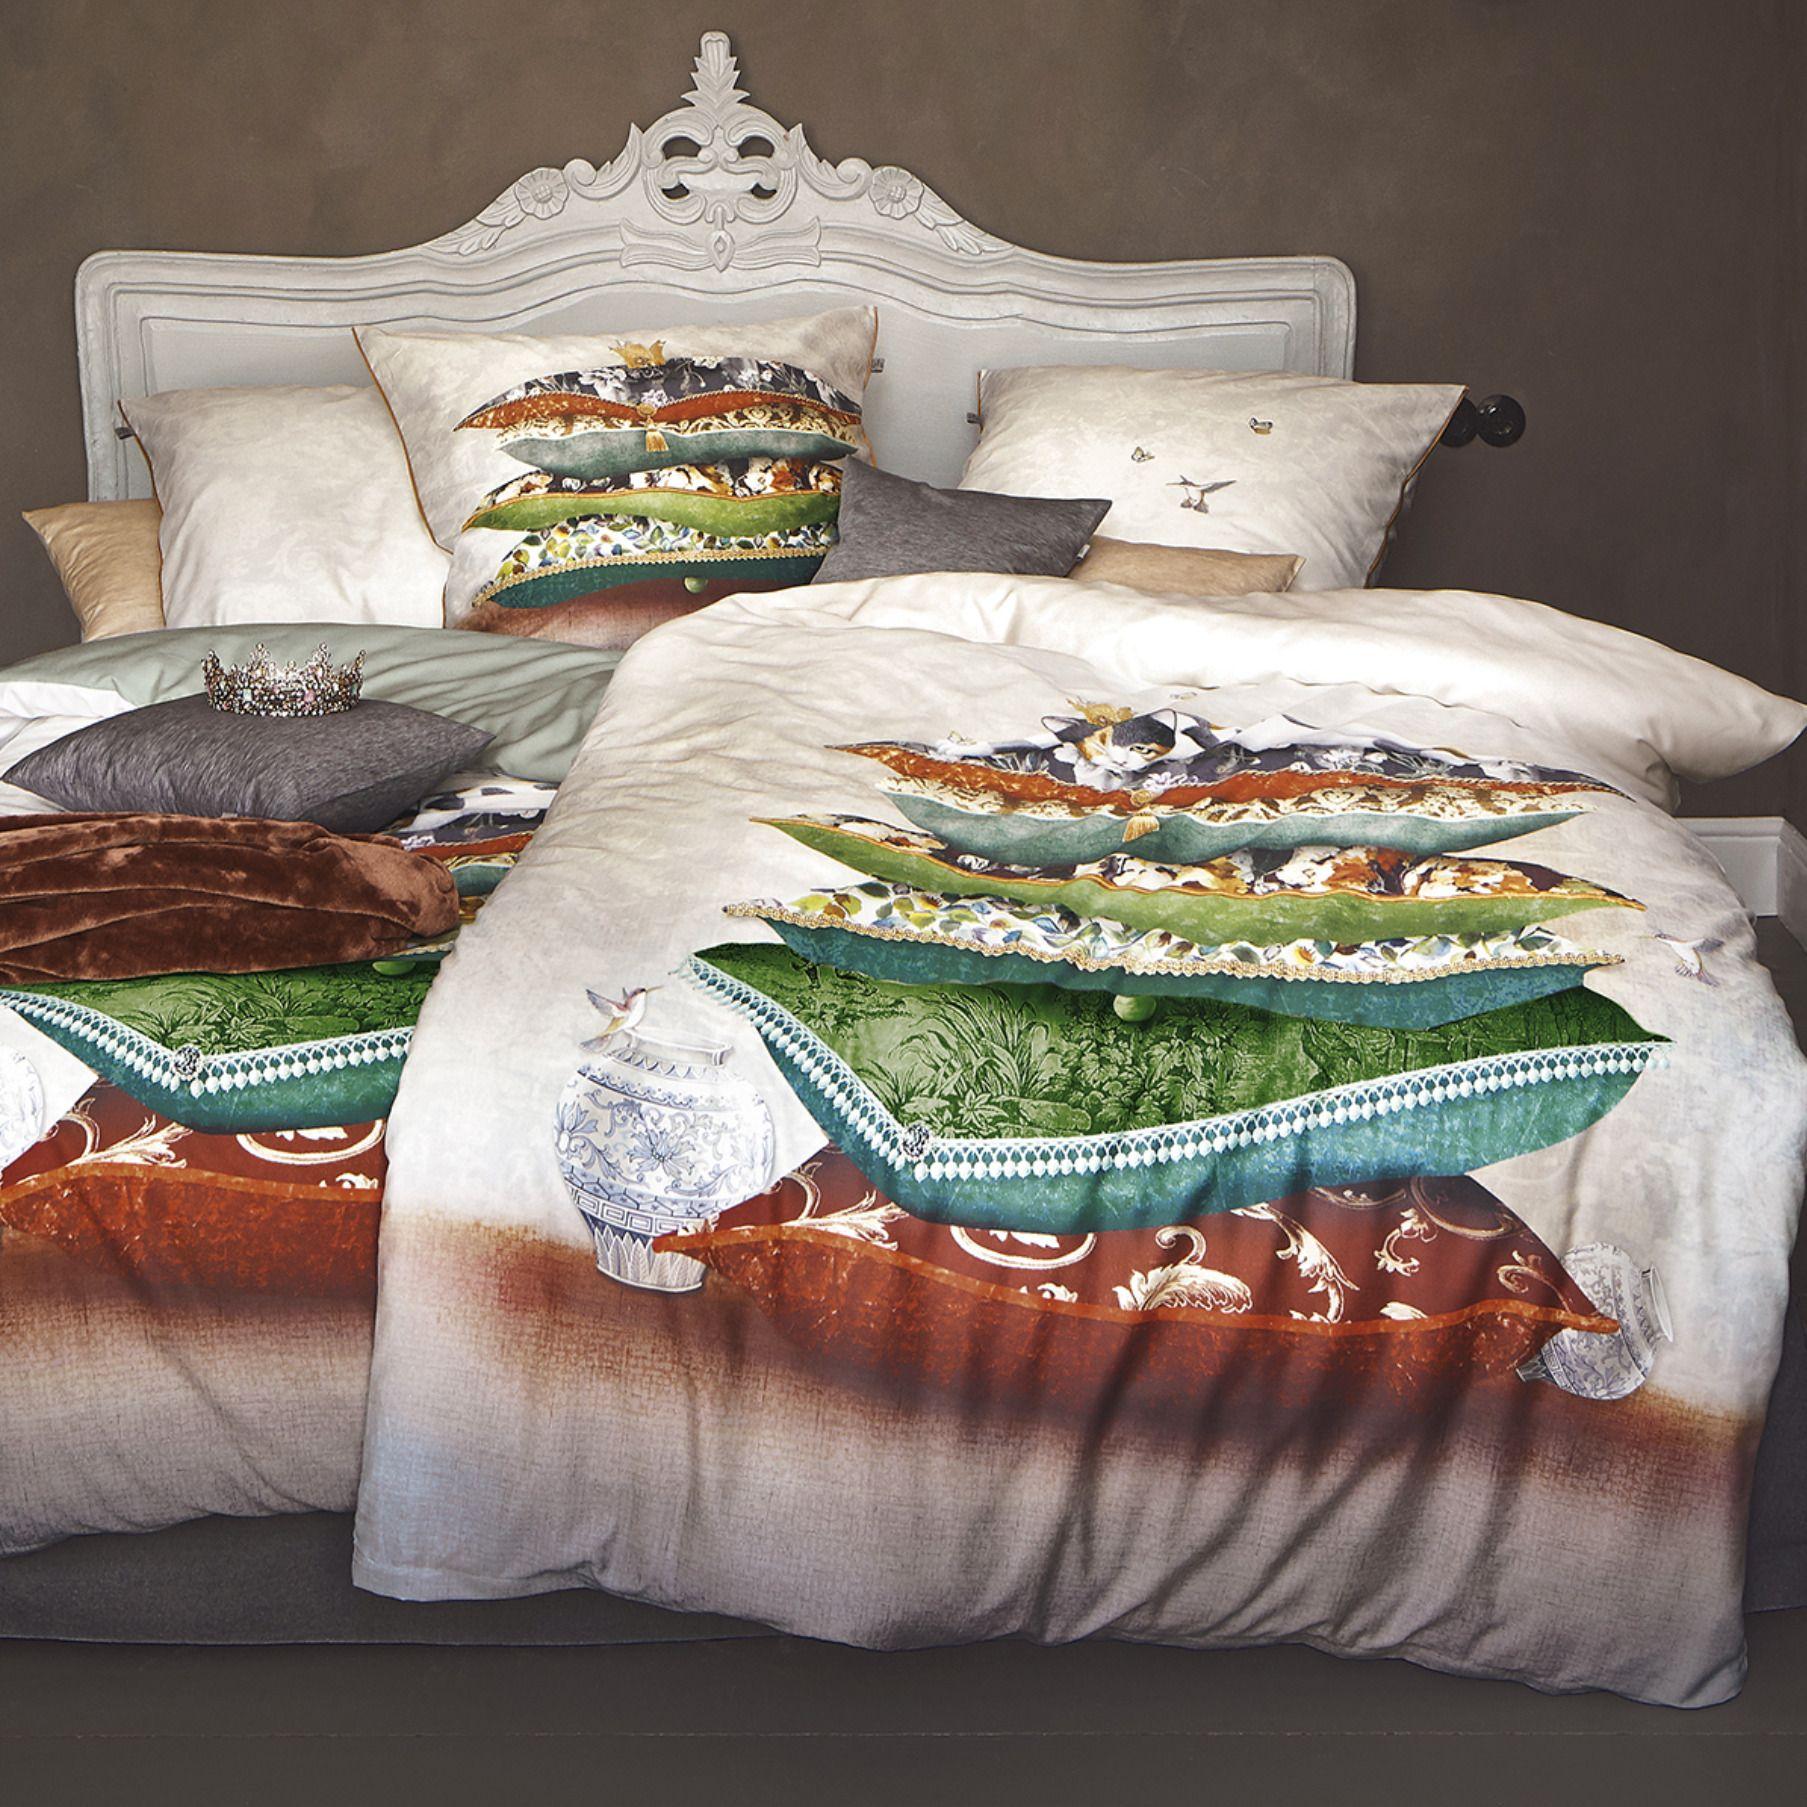 Bettwasche Satin Special Bettwasche Bett Einfach Tierisch